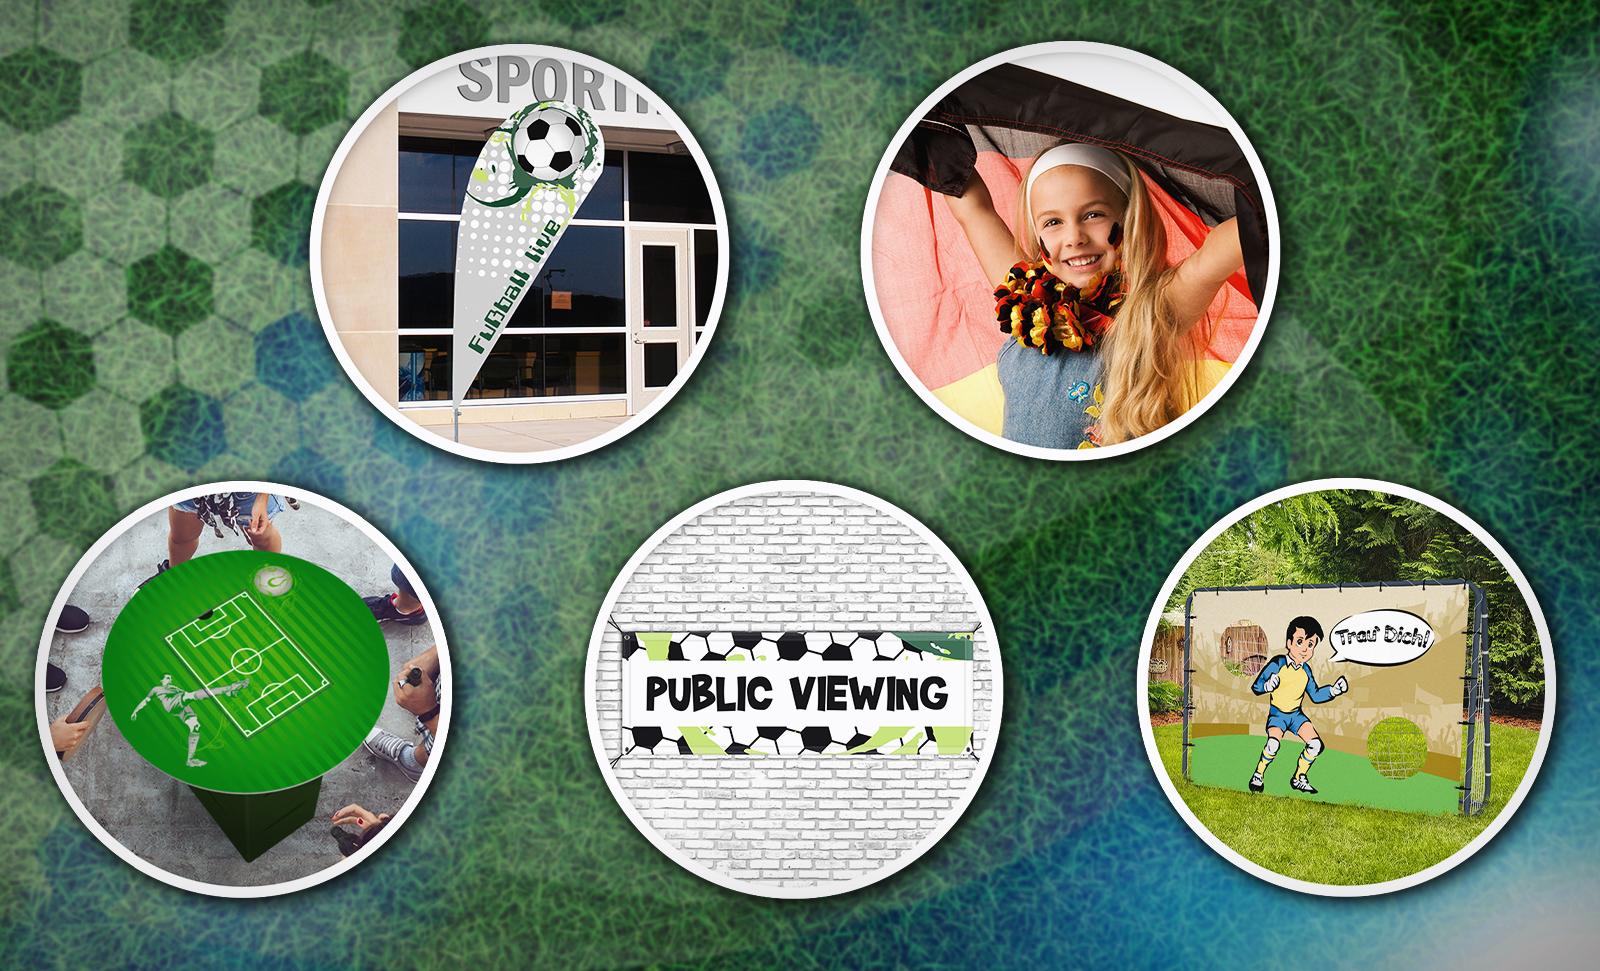 Fussball-Produkte mit fertiger Gestaltung